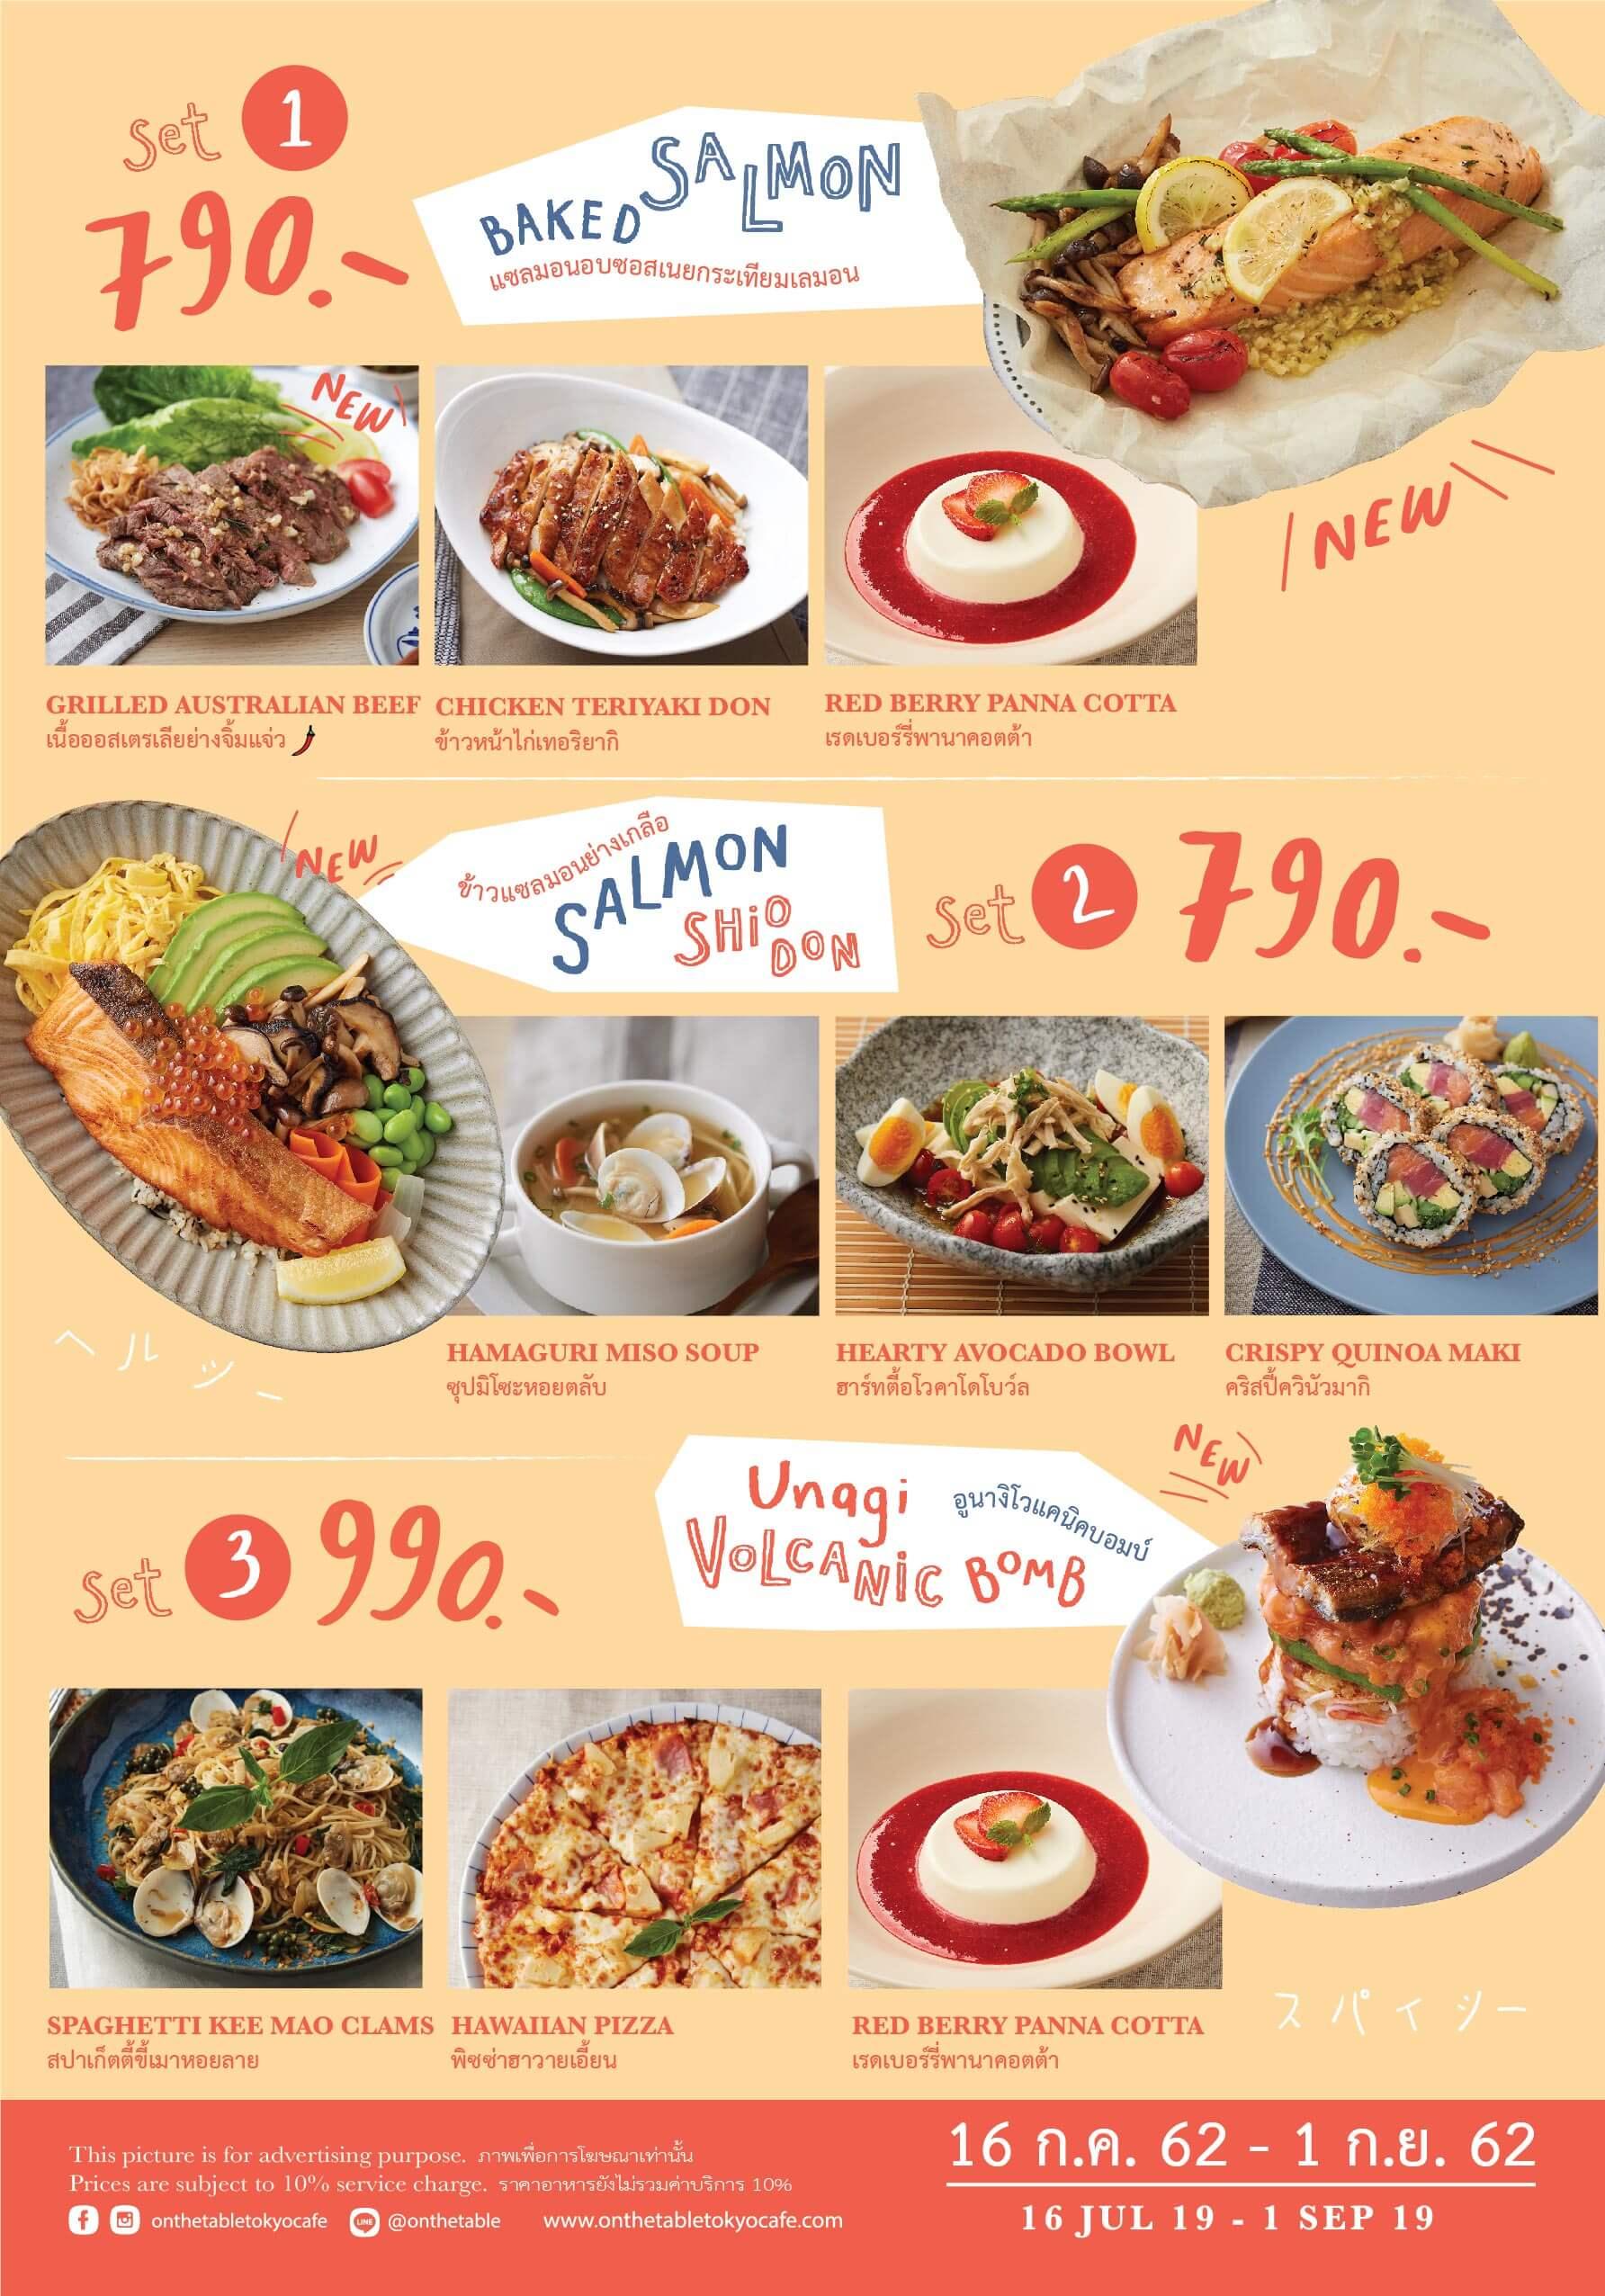 On the Table, Tokyo Café จัดแคมเปญพิเศษ • EAT • TASTE • LOVE • จัด 3 เซ็ตสุดคุ้มที่จะมาเติมเต็มความสุขแบบเต็มโต๊ะ 13 -